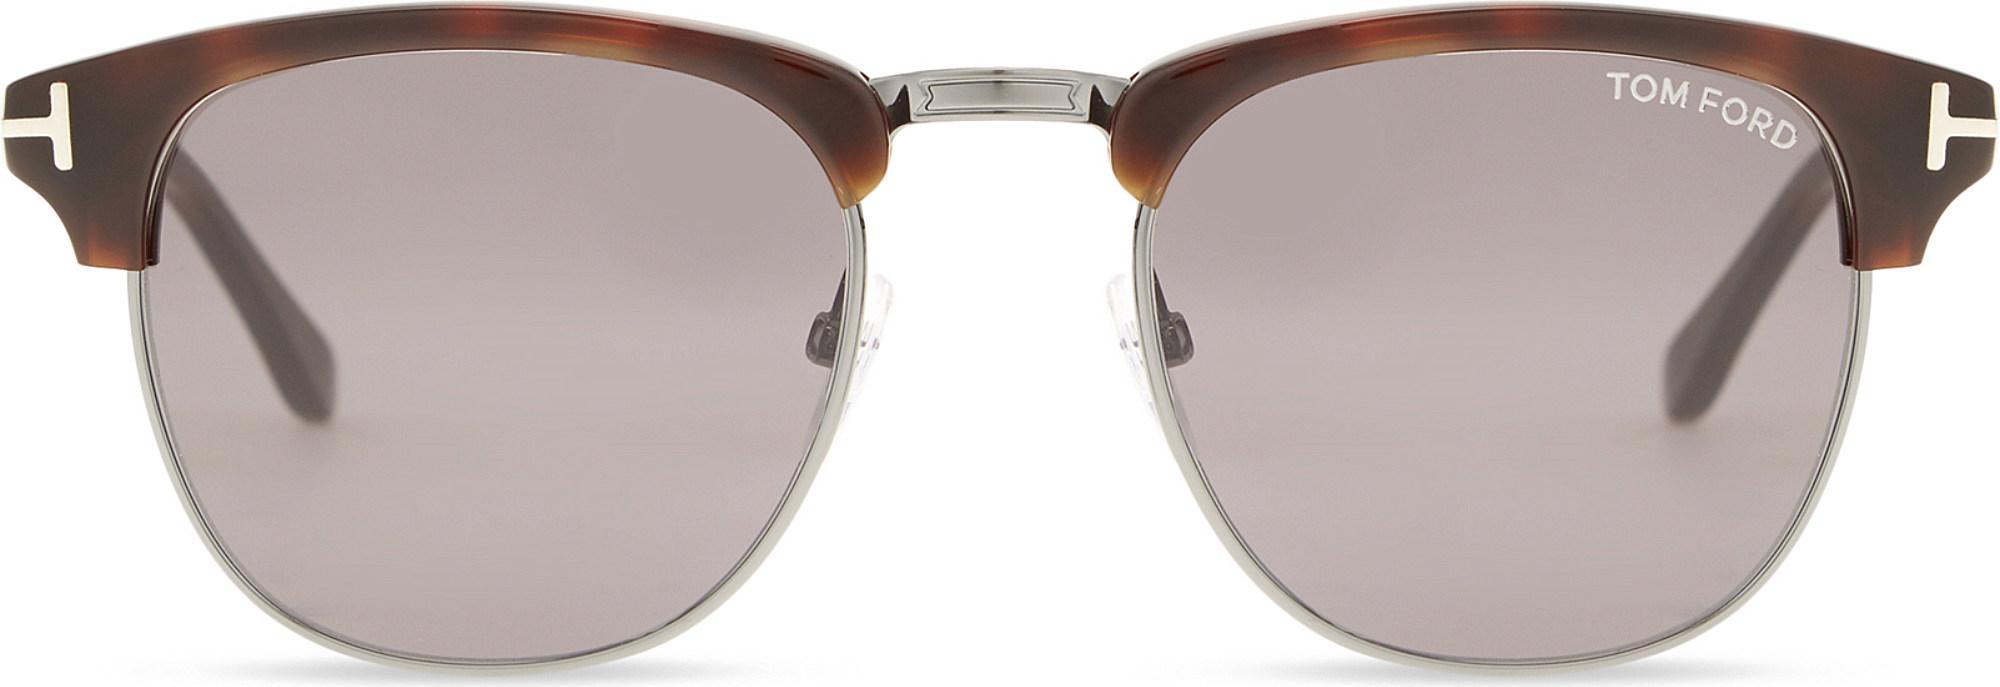 254d70c5c23 Tom Ford Tf0248 Henry Square Half-frame Sunglasses in White for Men ...